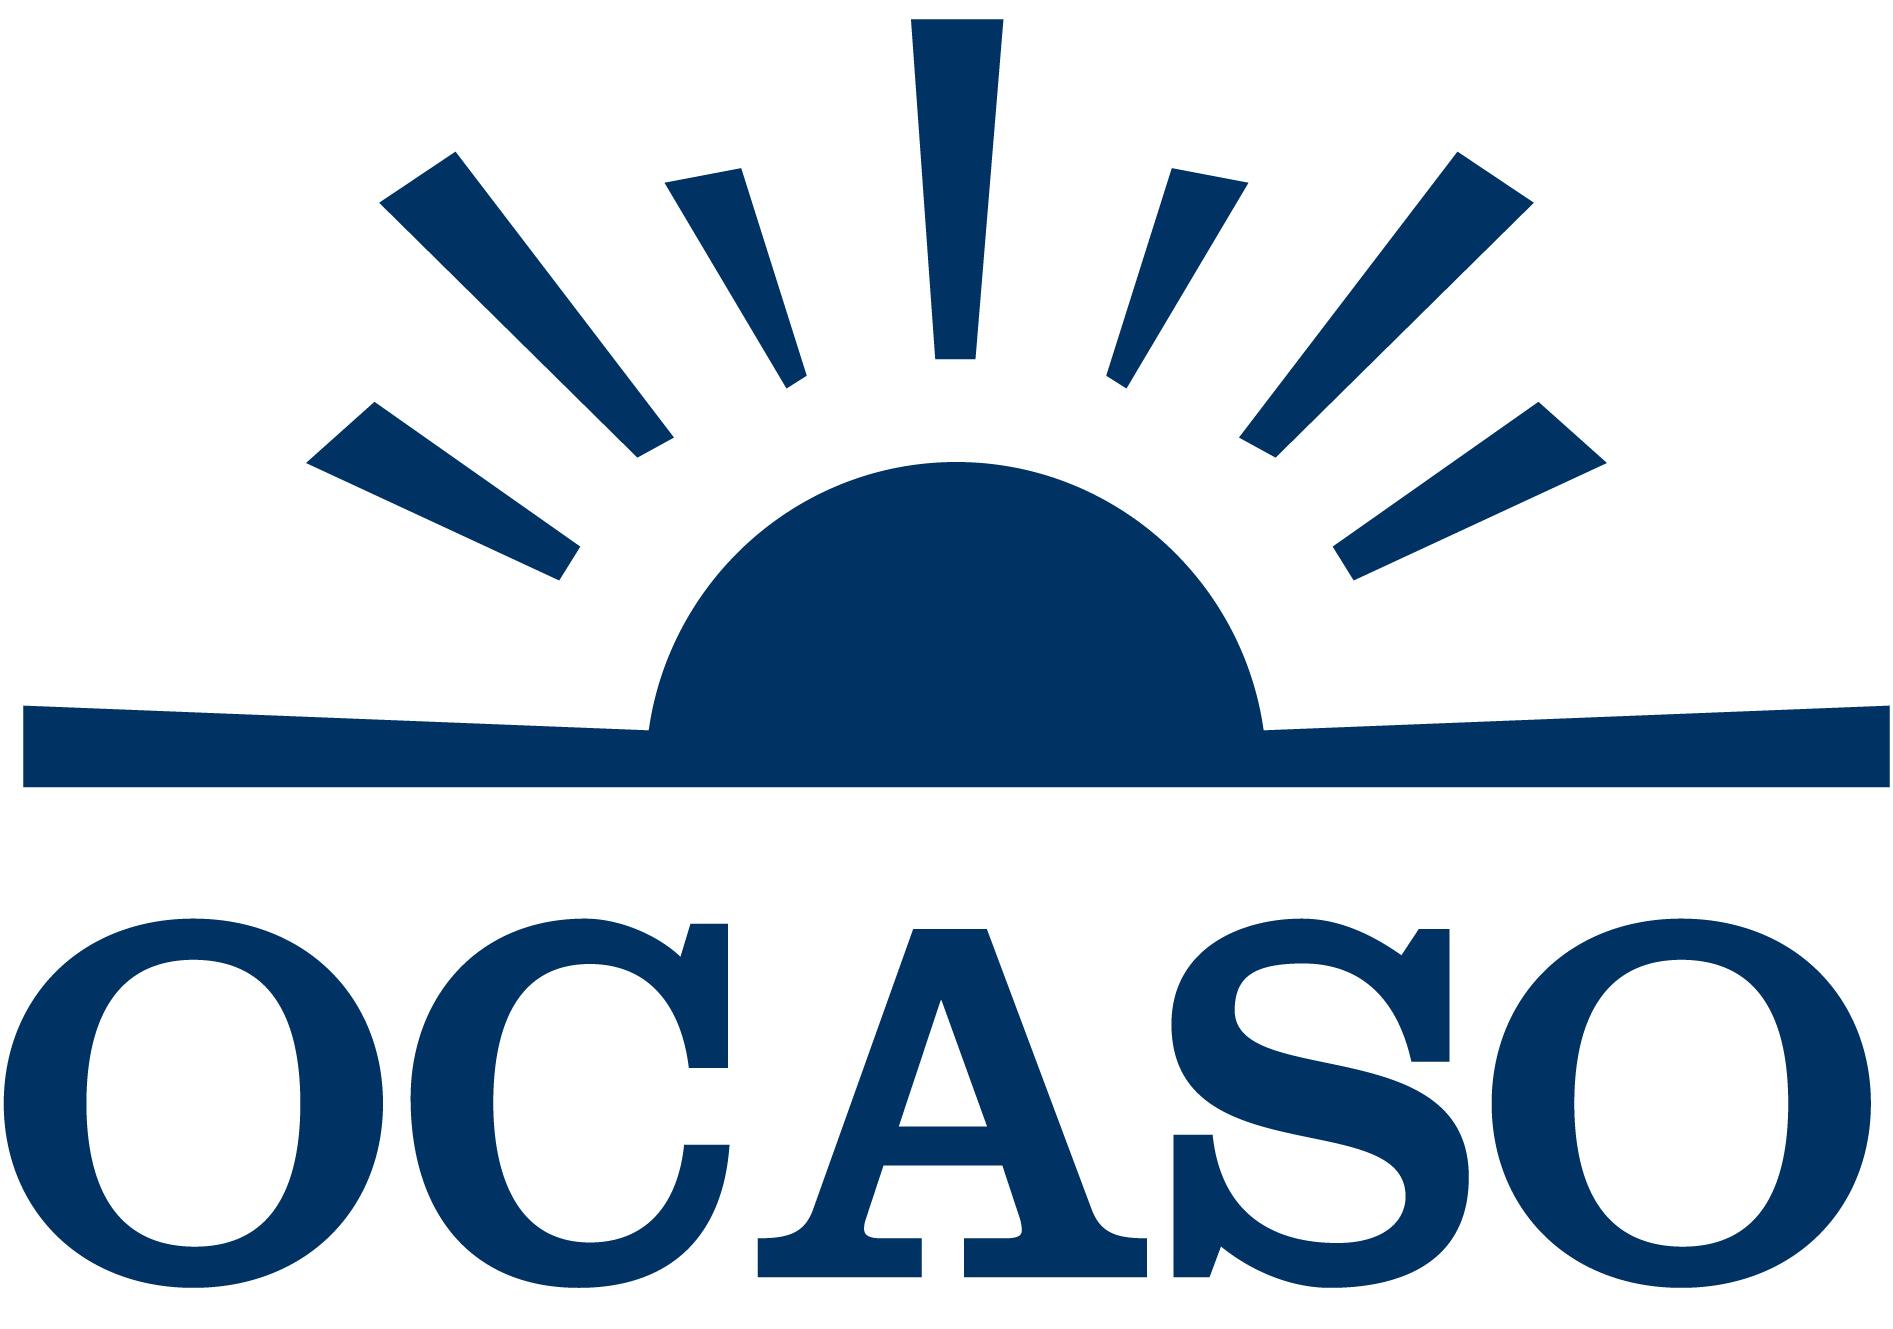 Ocaso for Oficinas genesis seguros